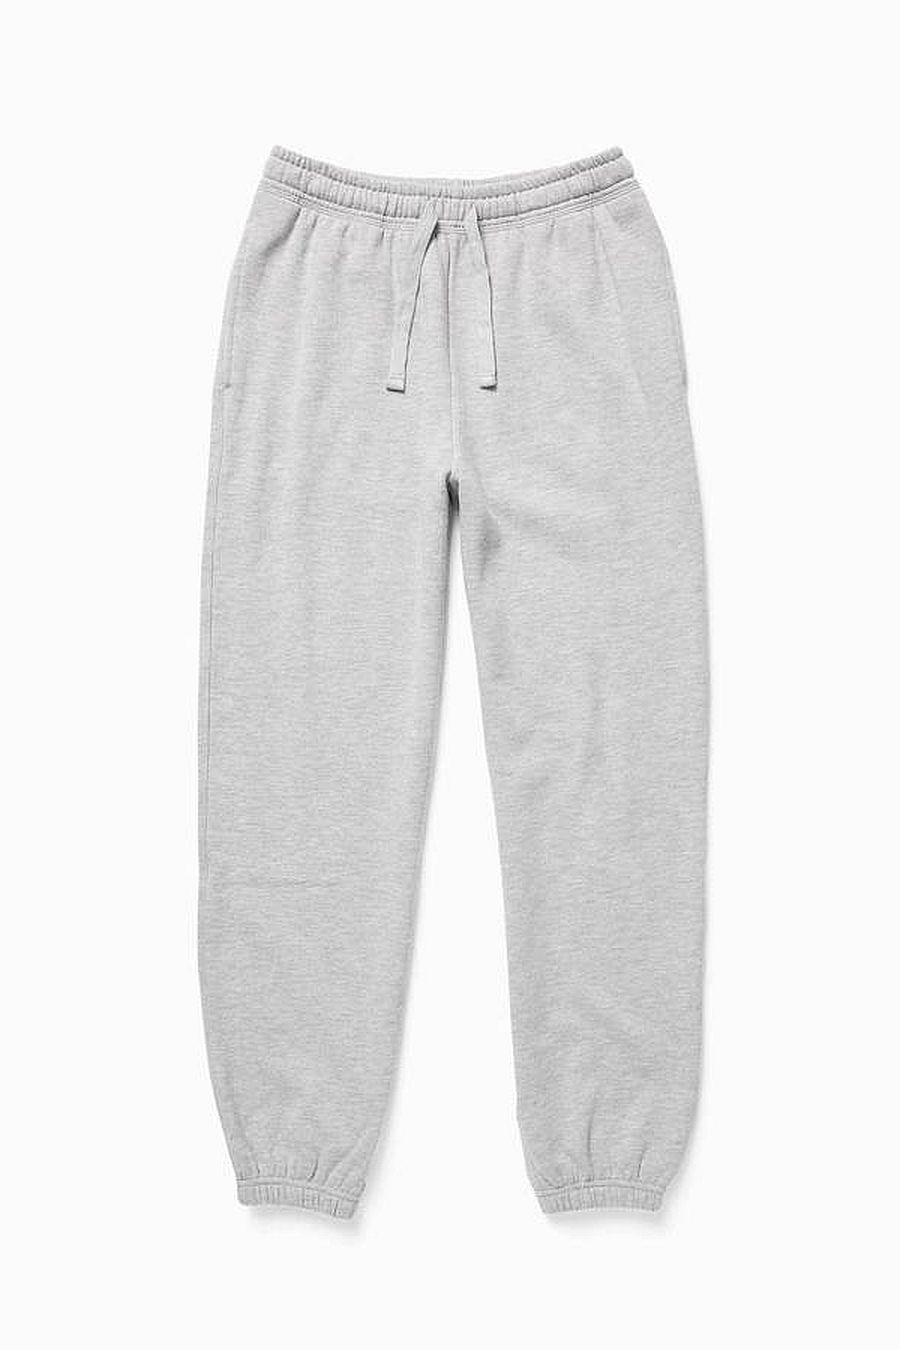 Richer Poorer Fleece Sweatpant - Grey